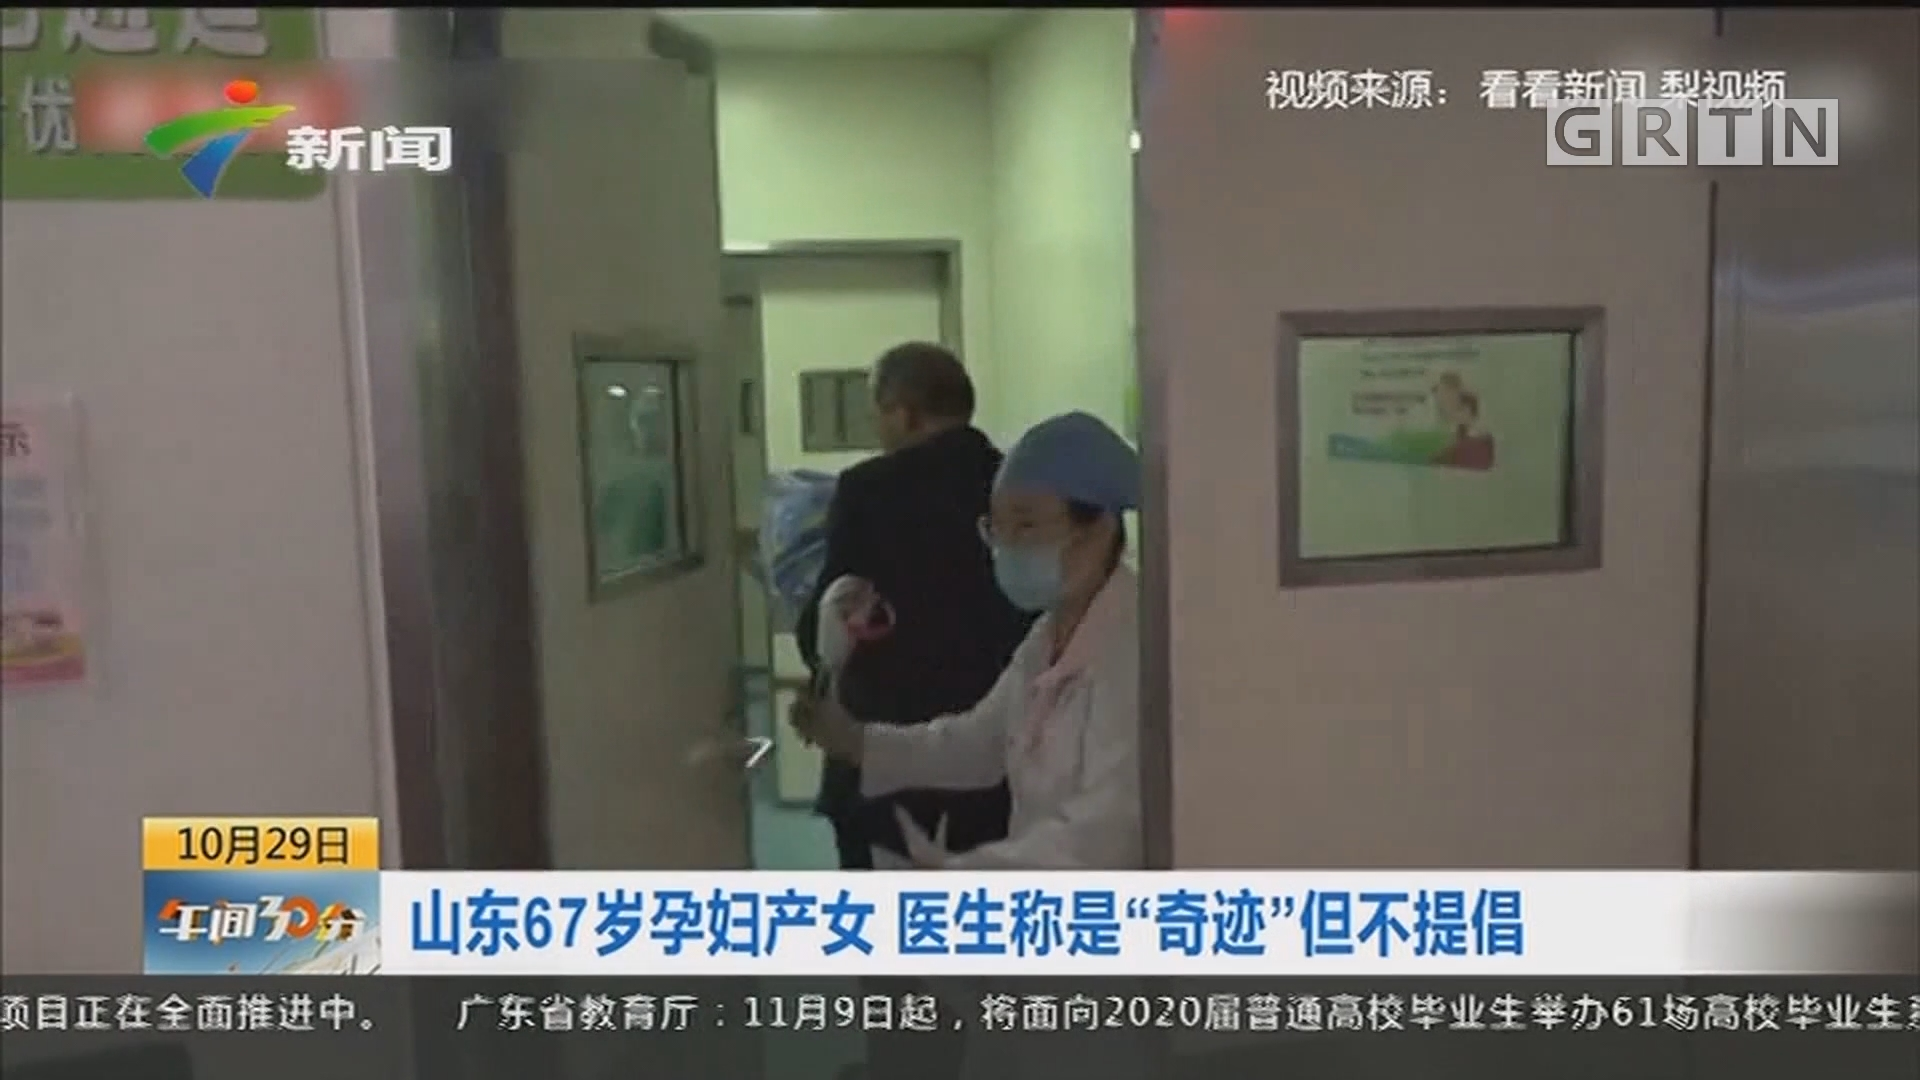 """山东67岁孕妇产女 医生称是""""奇迹""""但不提倡"""